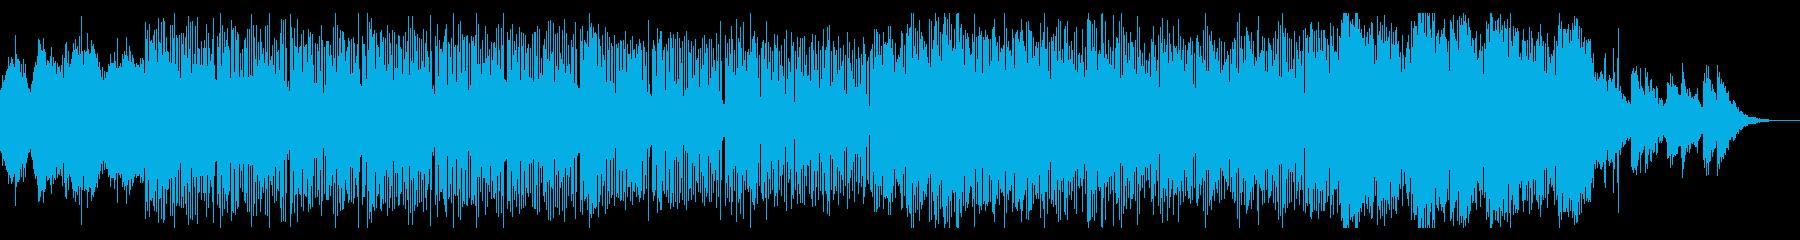 エクスペリメンタルなテクスチャの再生済みの波形